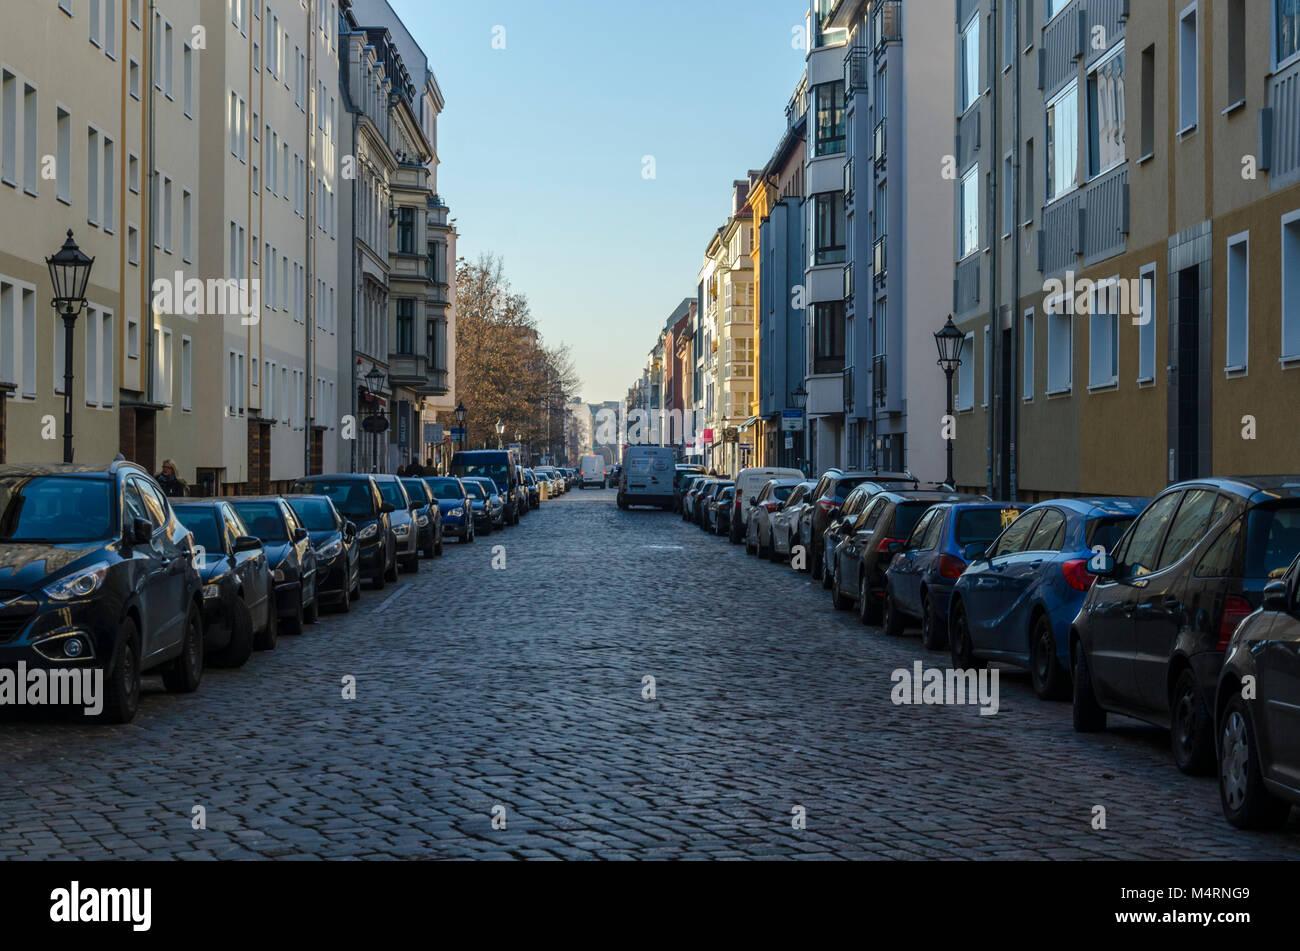 Los automóviles estacionados en una calle de adoquines en Berlín, Alemania Imagen De Stock